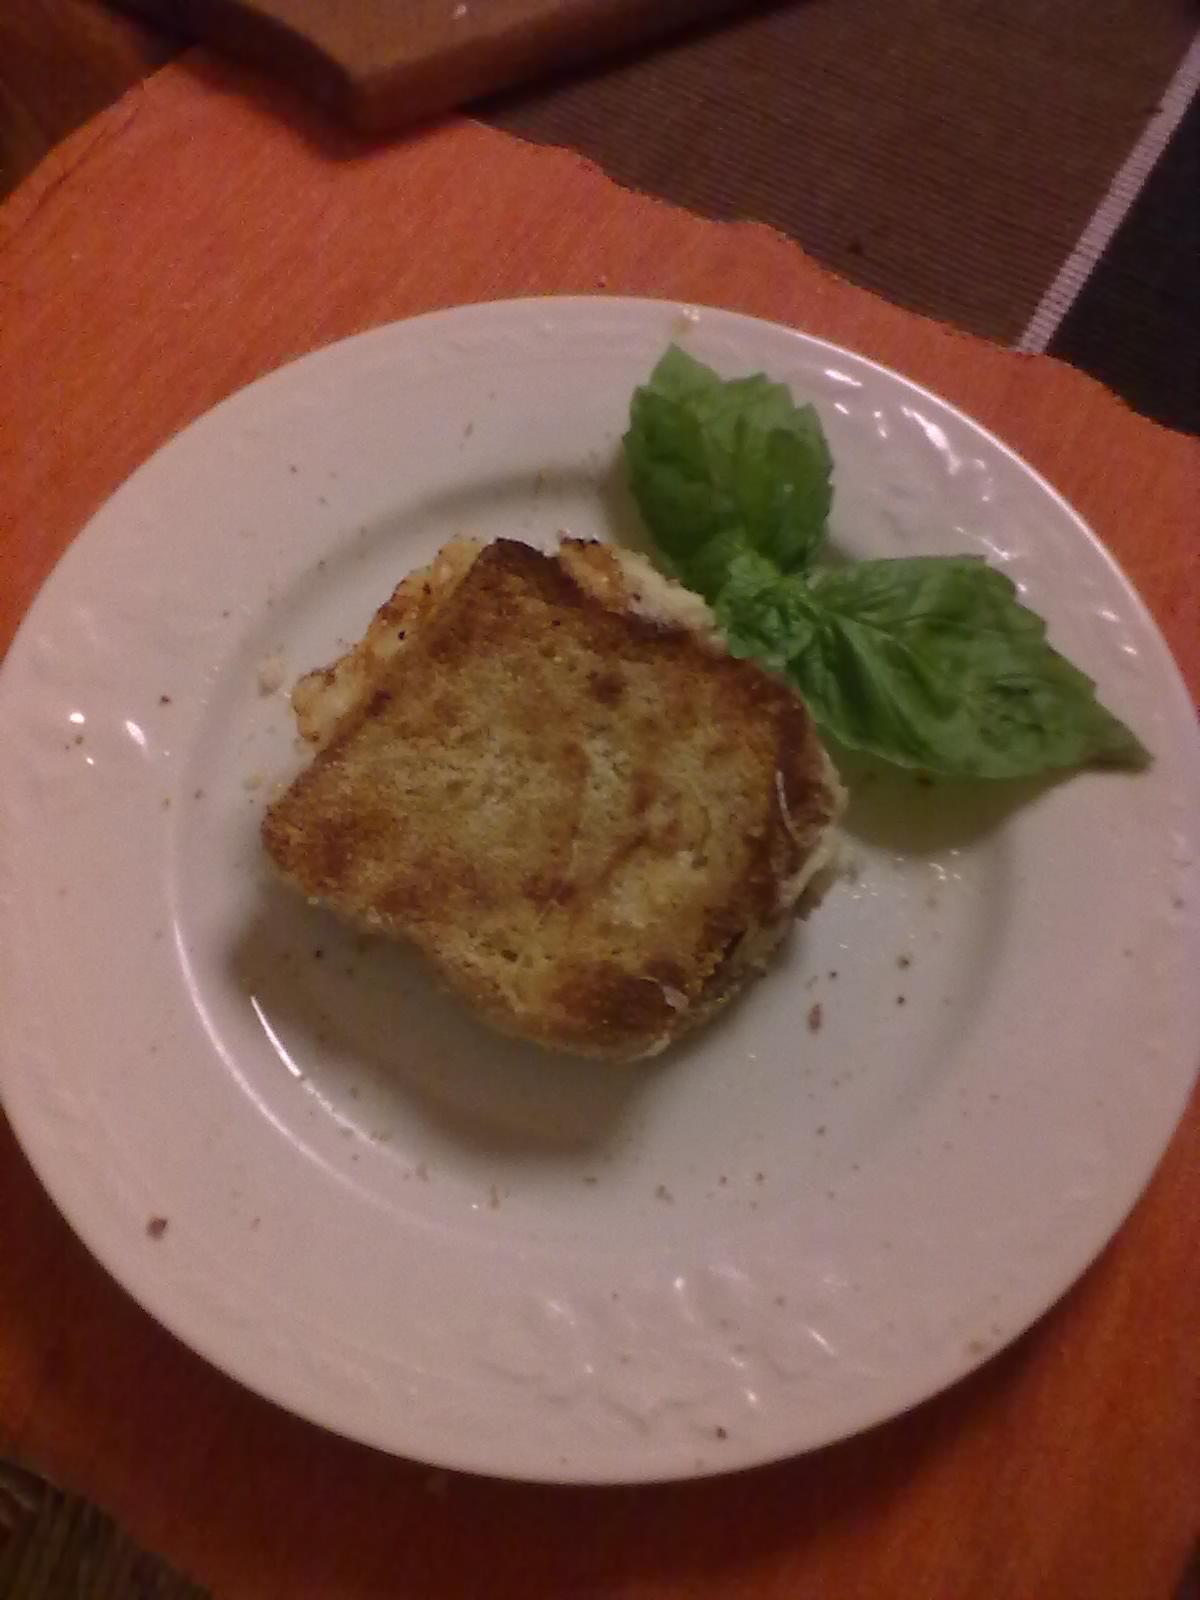 Mozzarella in carrozza al forno lacucinadiannamaria for Ricette mozzarella in carrozza al forno